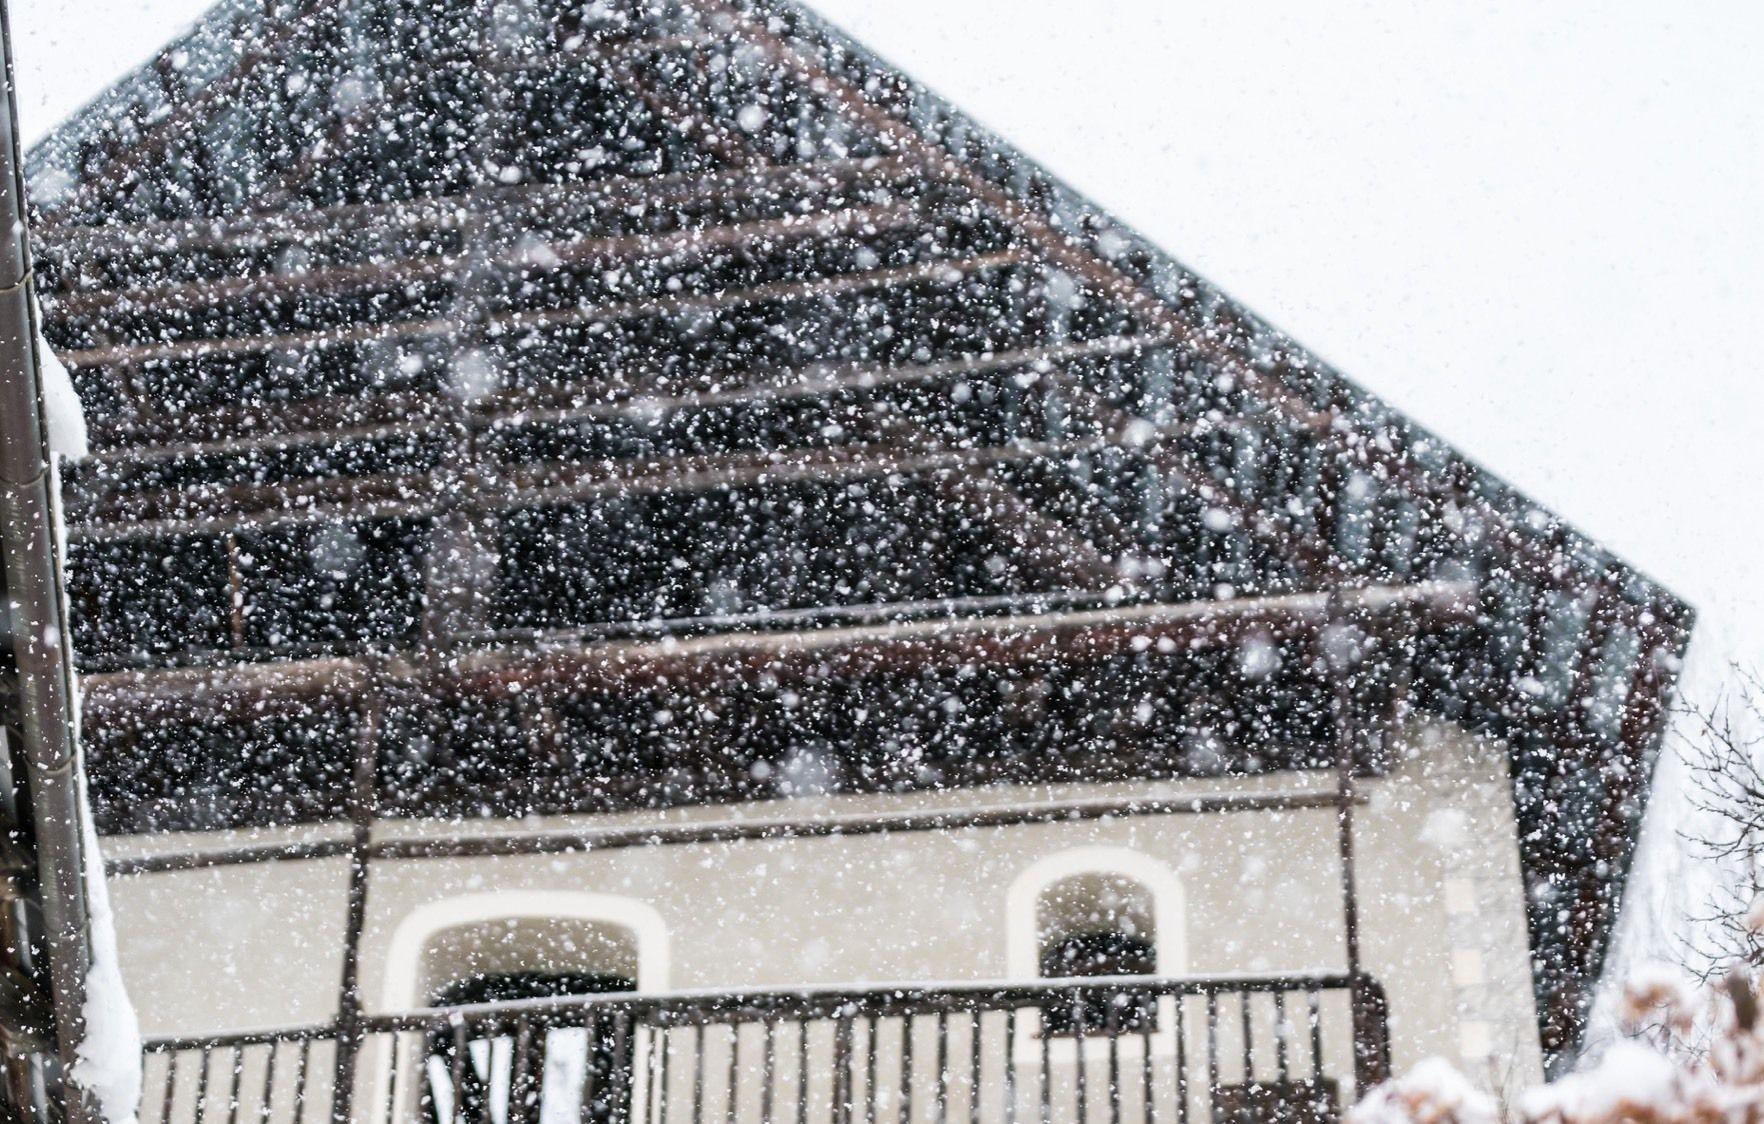 Hoe groot kan een sneeuwvlok maximaal worden?